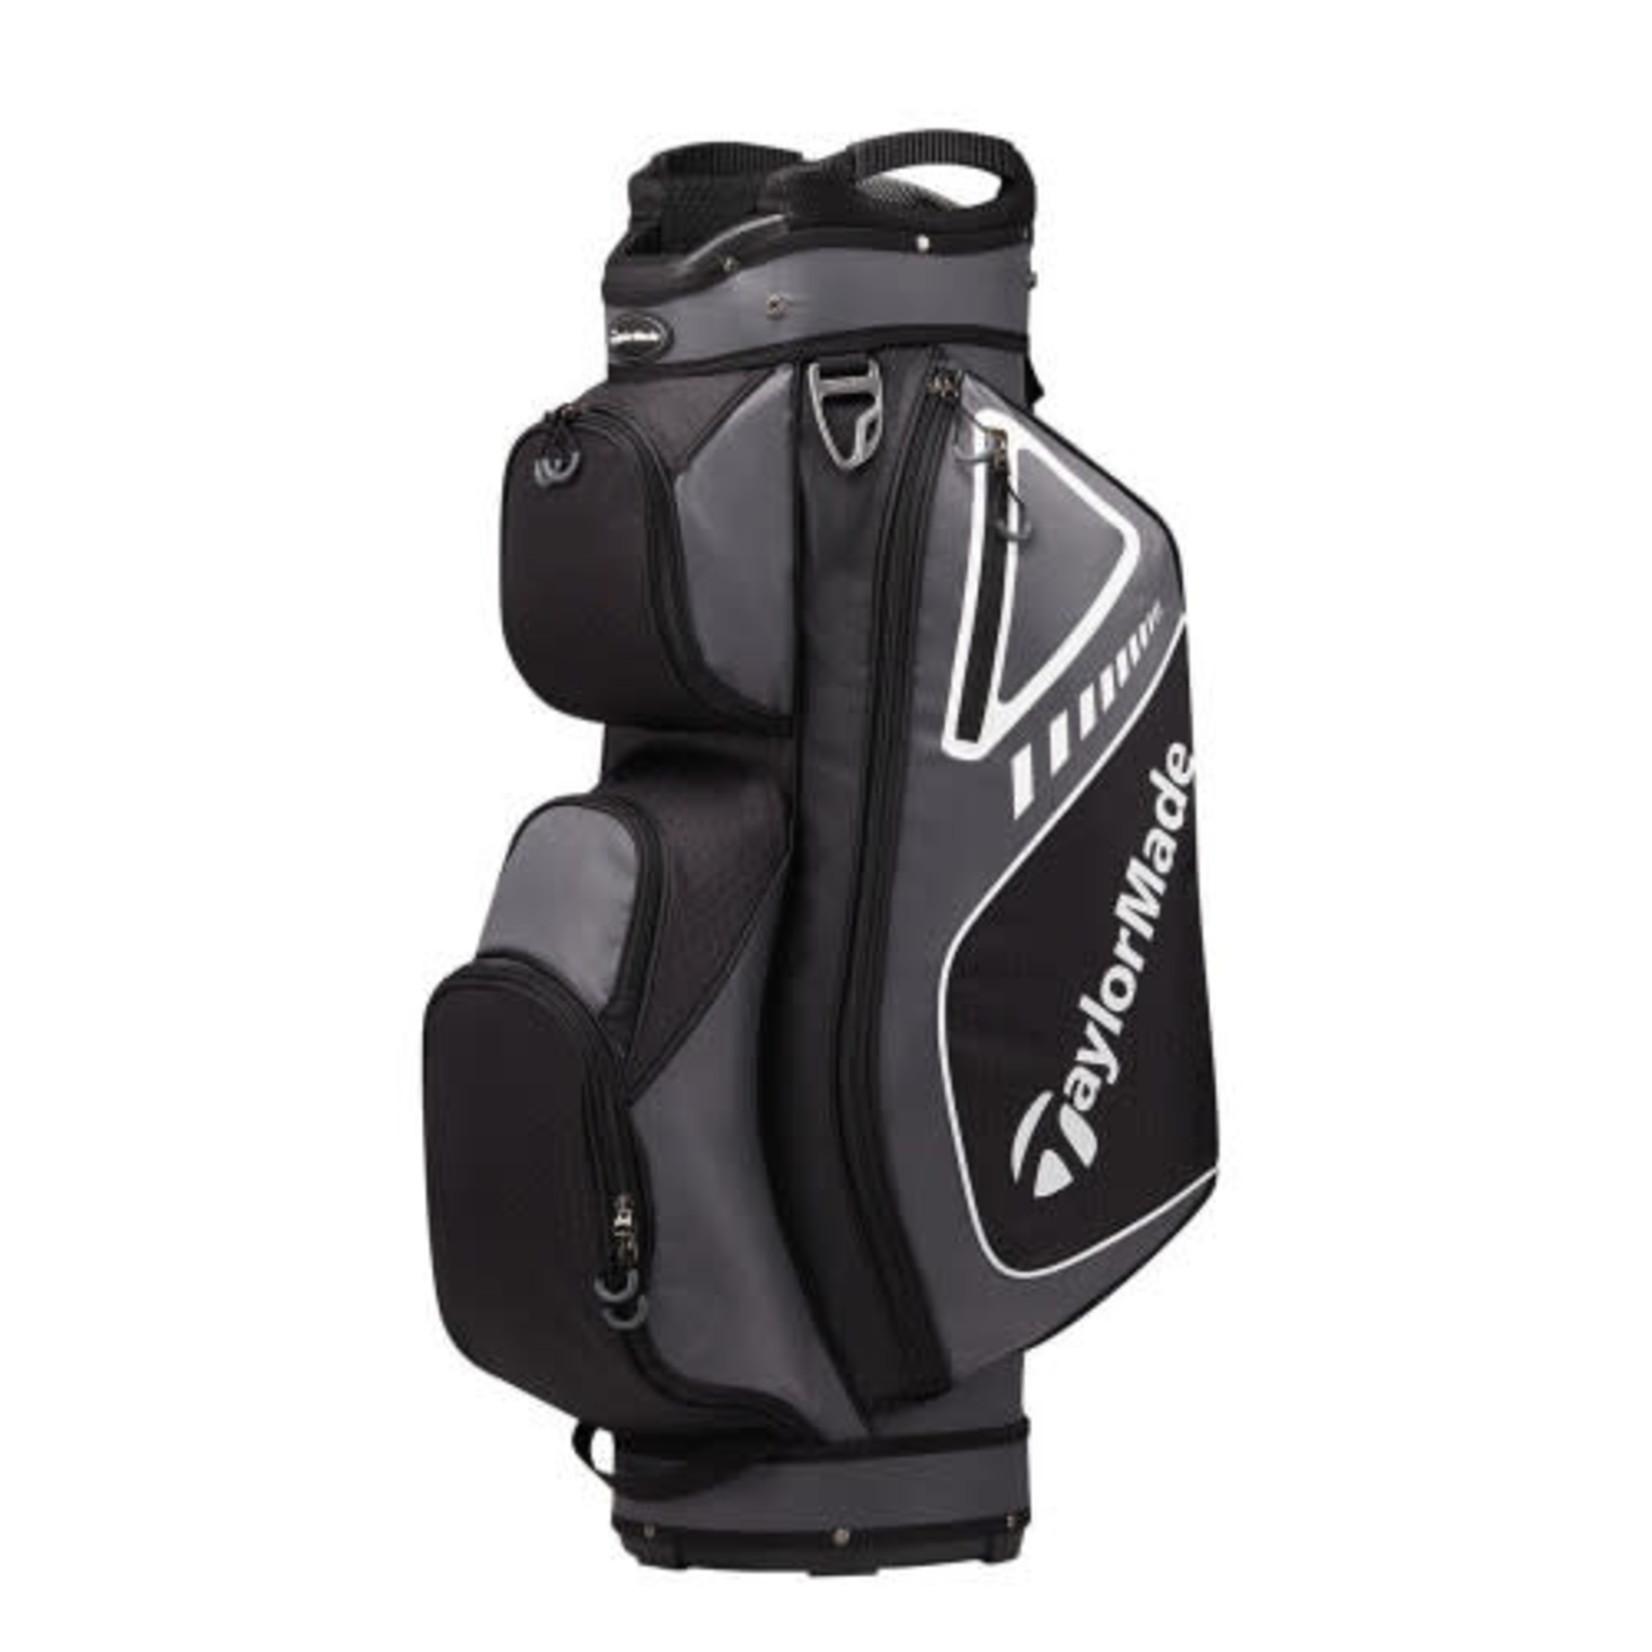 TaylorMade Taylormade Select Plus Cart Bag